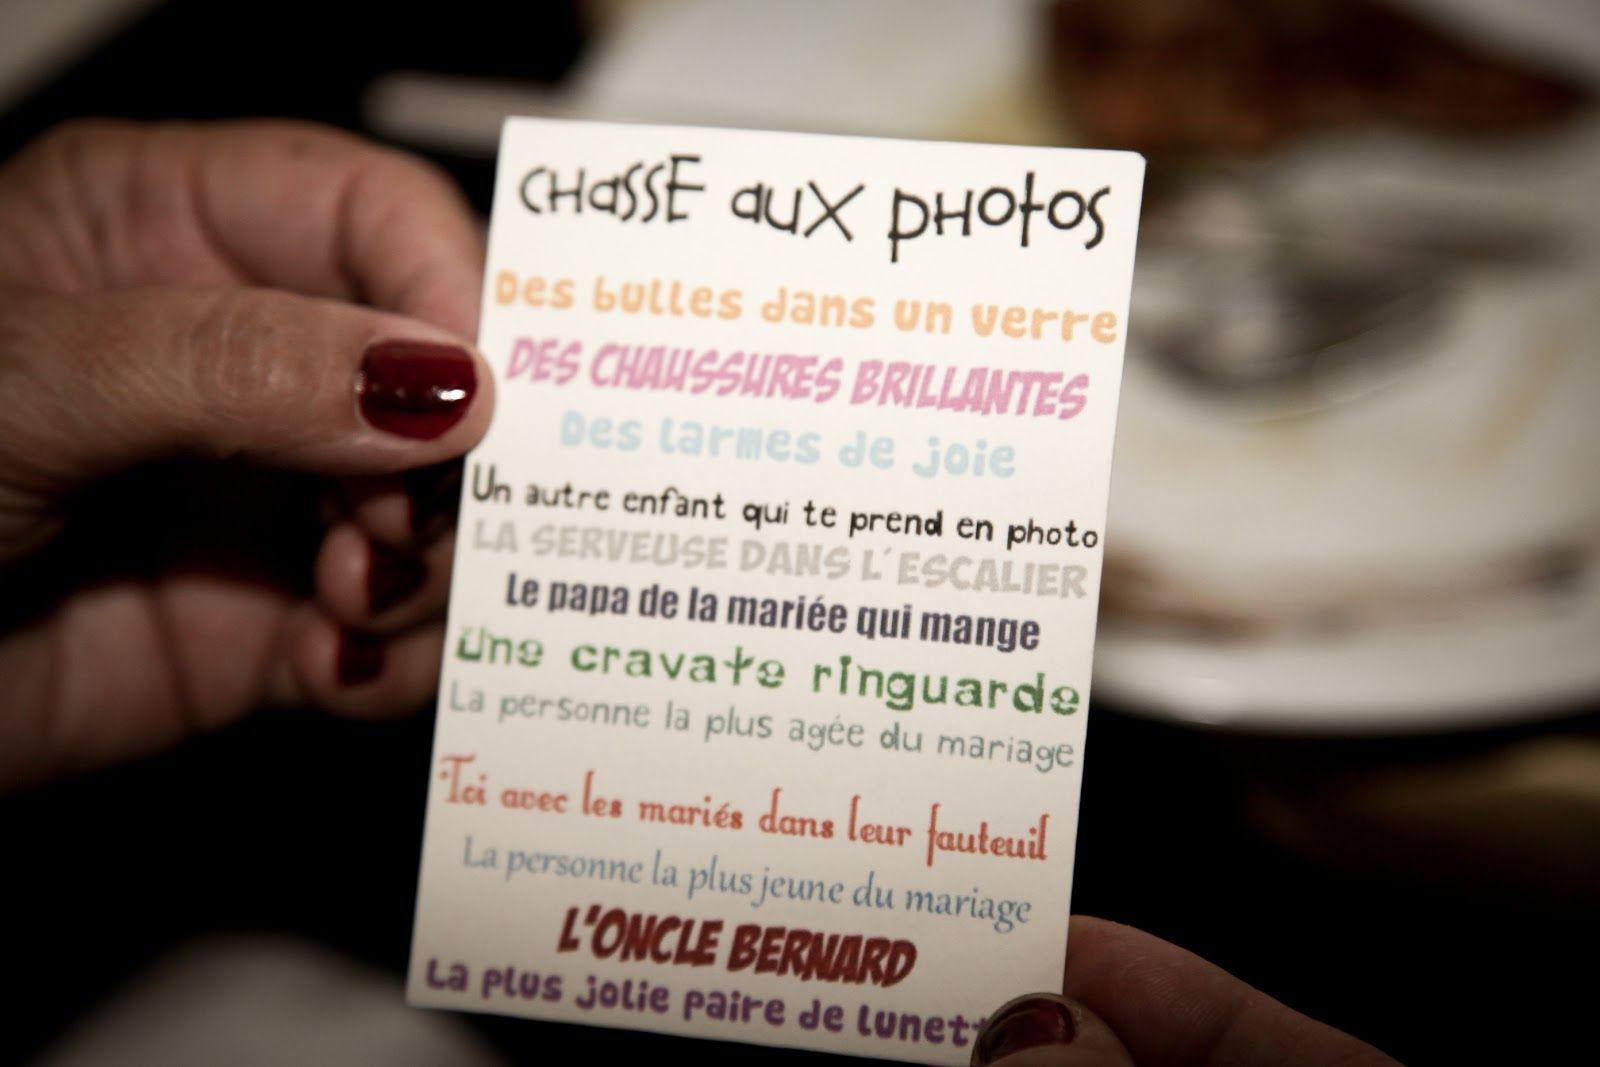 Les moineaux de la mariee something photography 1600 1067 trucs pinterest mariage - Comment effrayer les moineaux ...